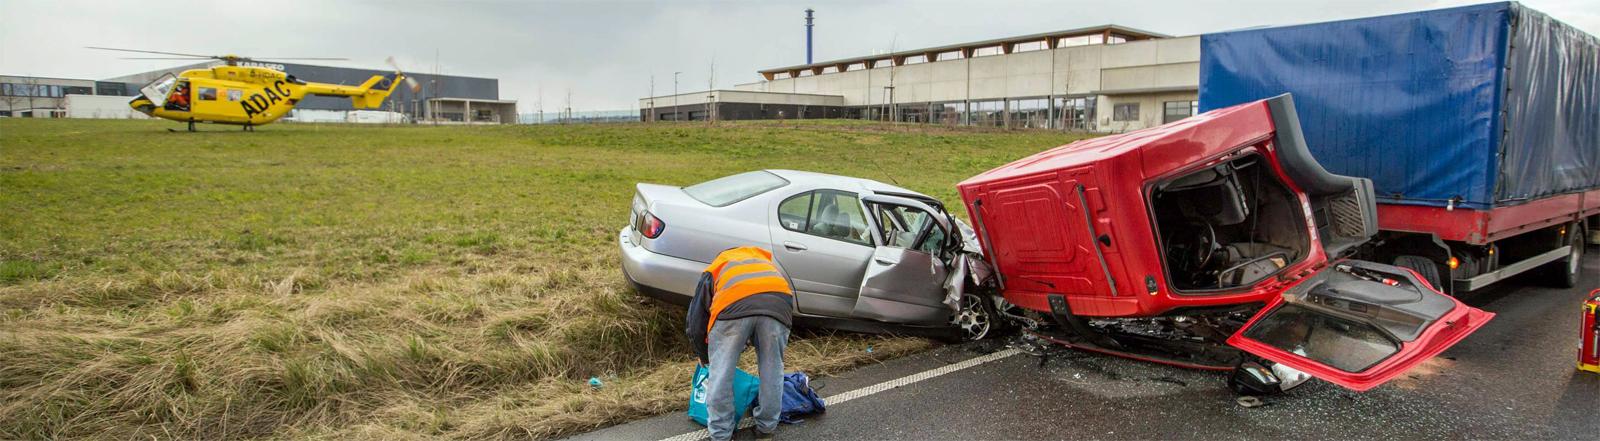 Ein Pkw ist im baden-württembergischen Backnang frontal mit einem Lkw kollidiert. Der Fahrer des Pkw wird schwer verletzt in die Klinik geflogen.